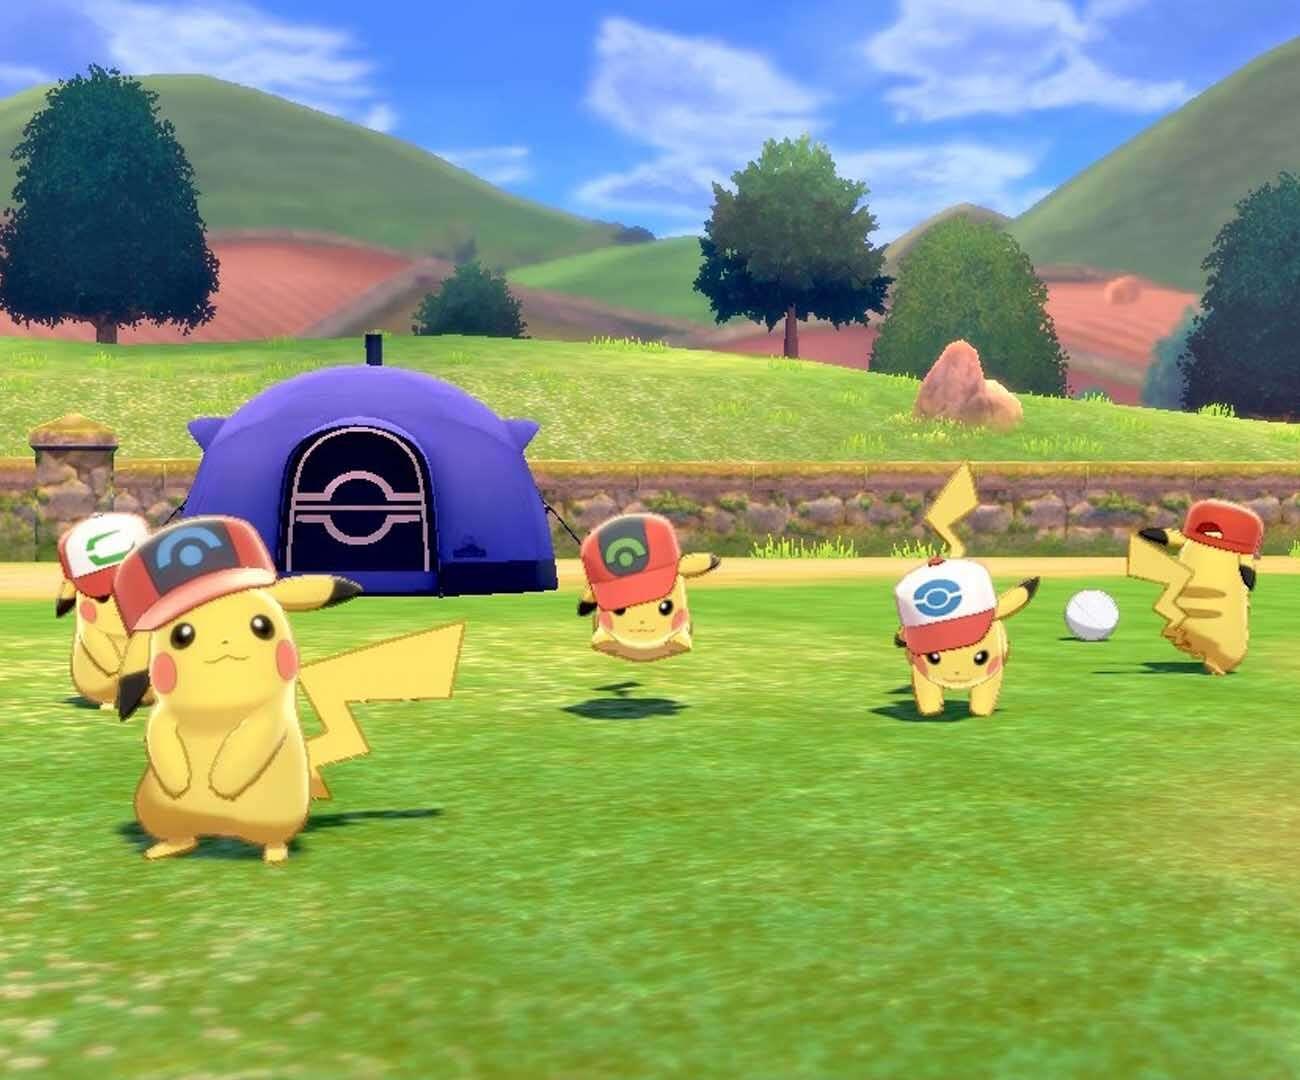 7 darmowych Pikachu w Pokemon Sword/Shield! Tak, siedem.